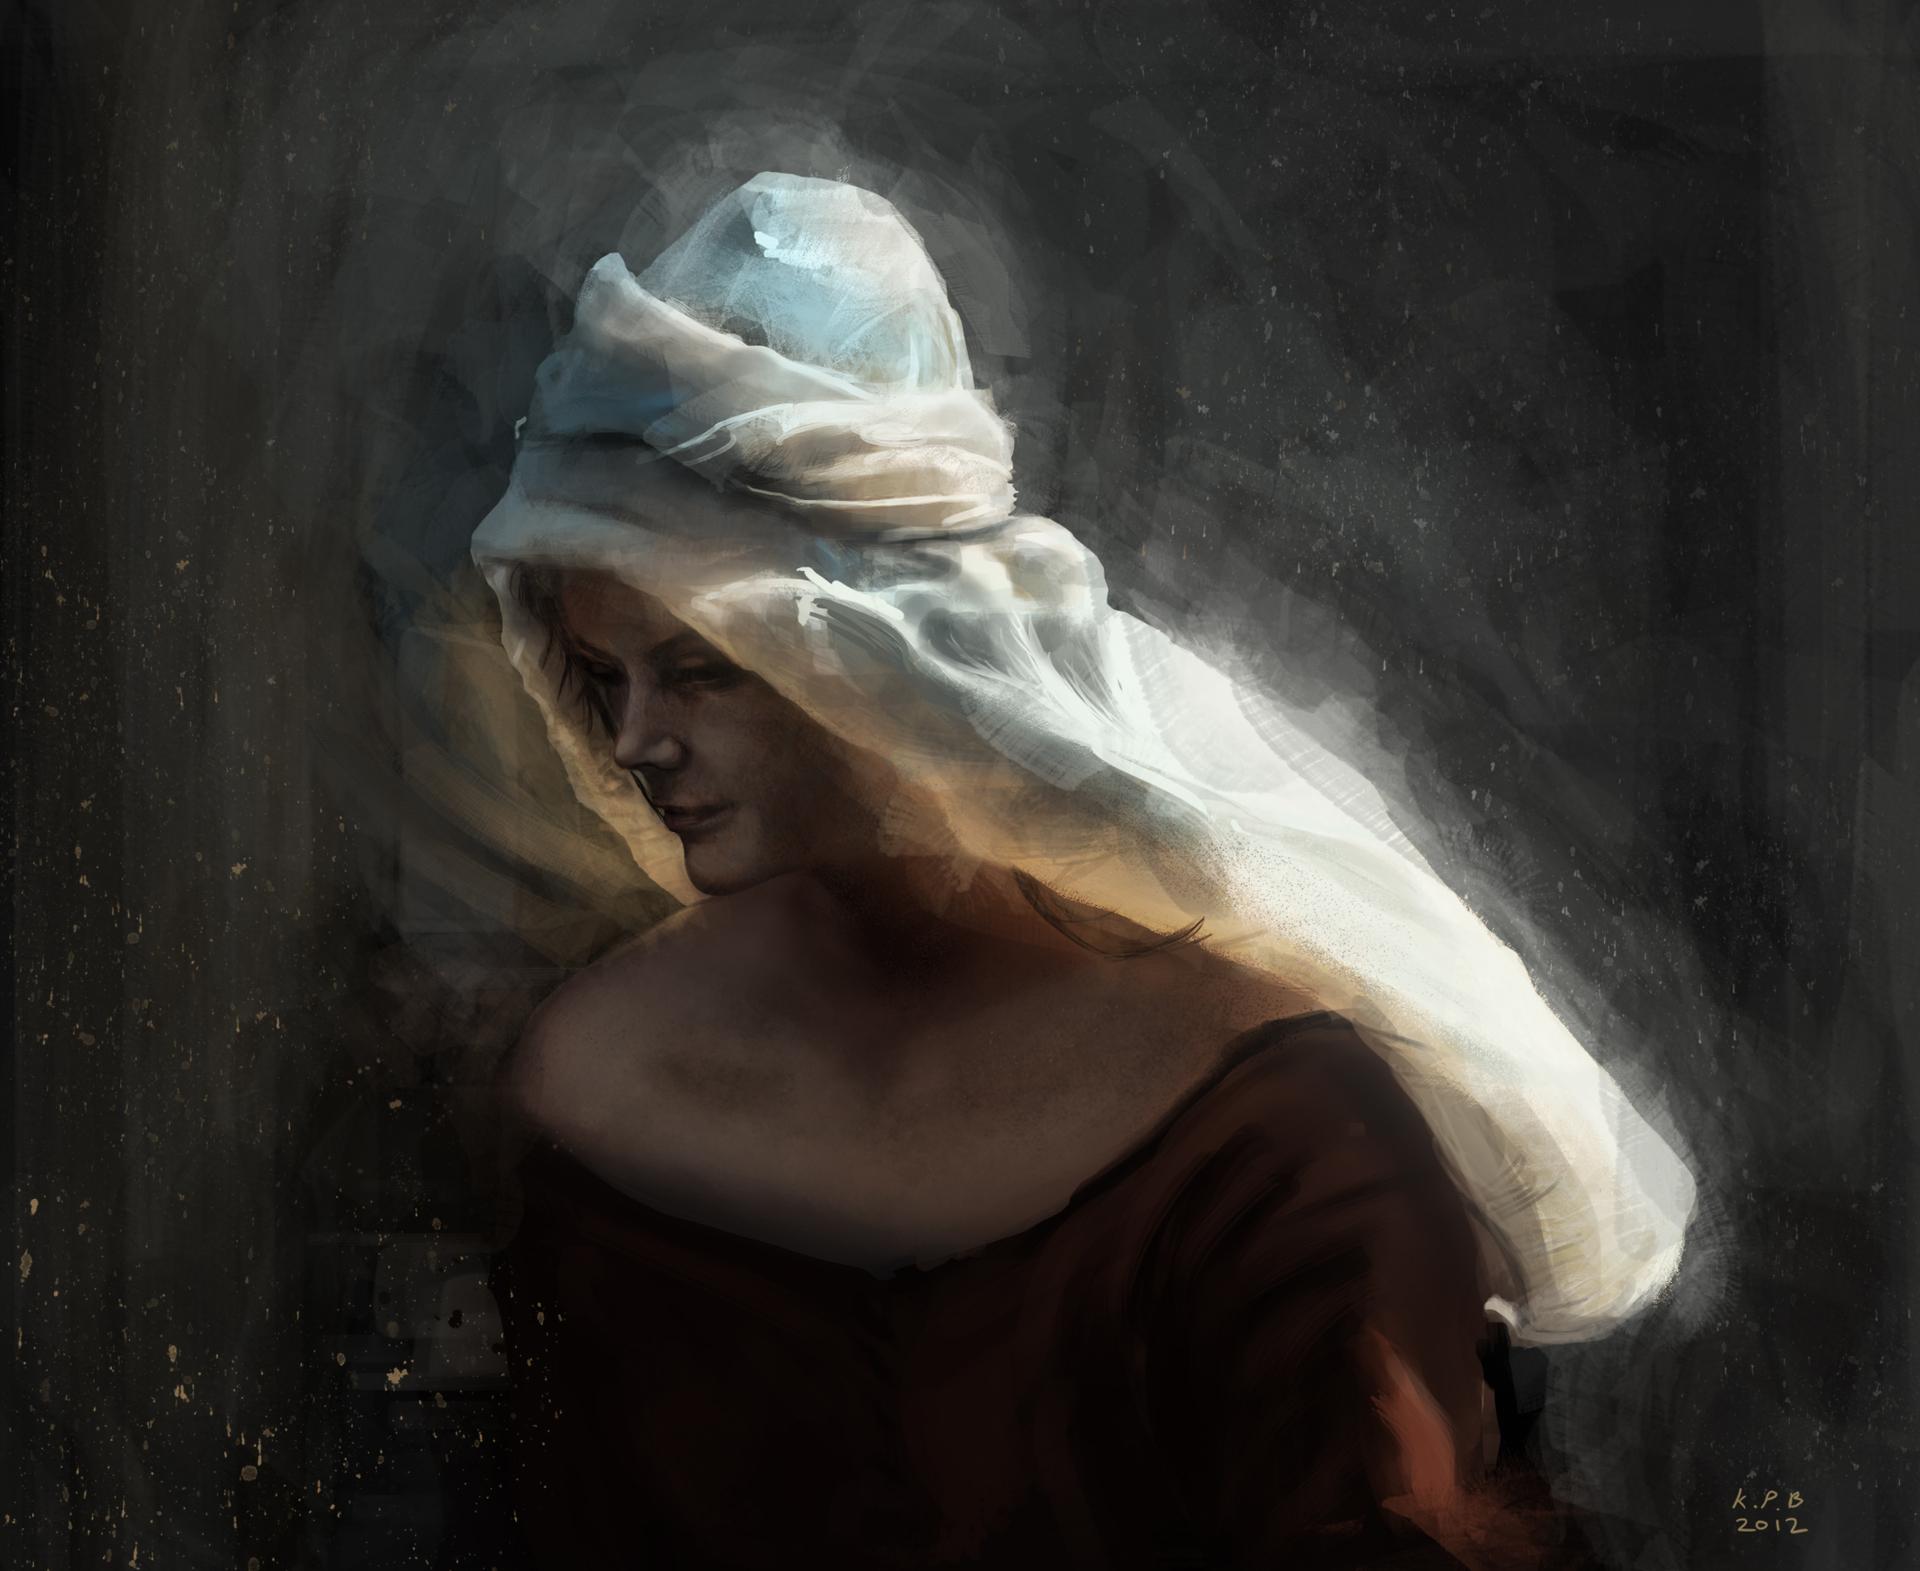 Medieval maid v006c